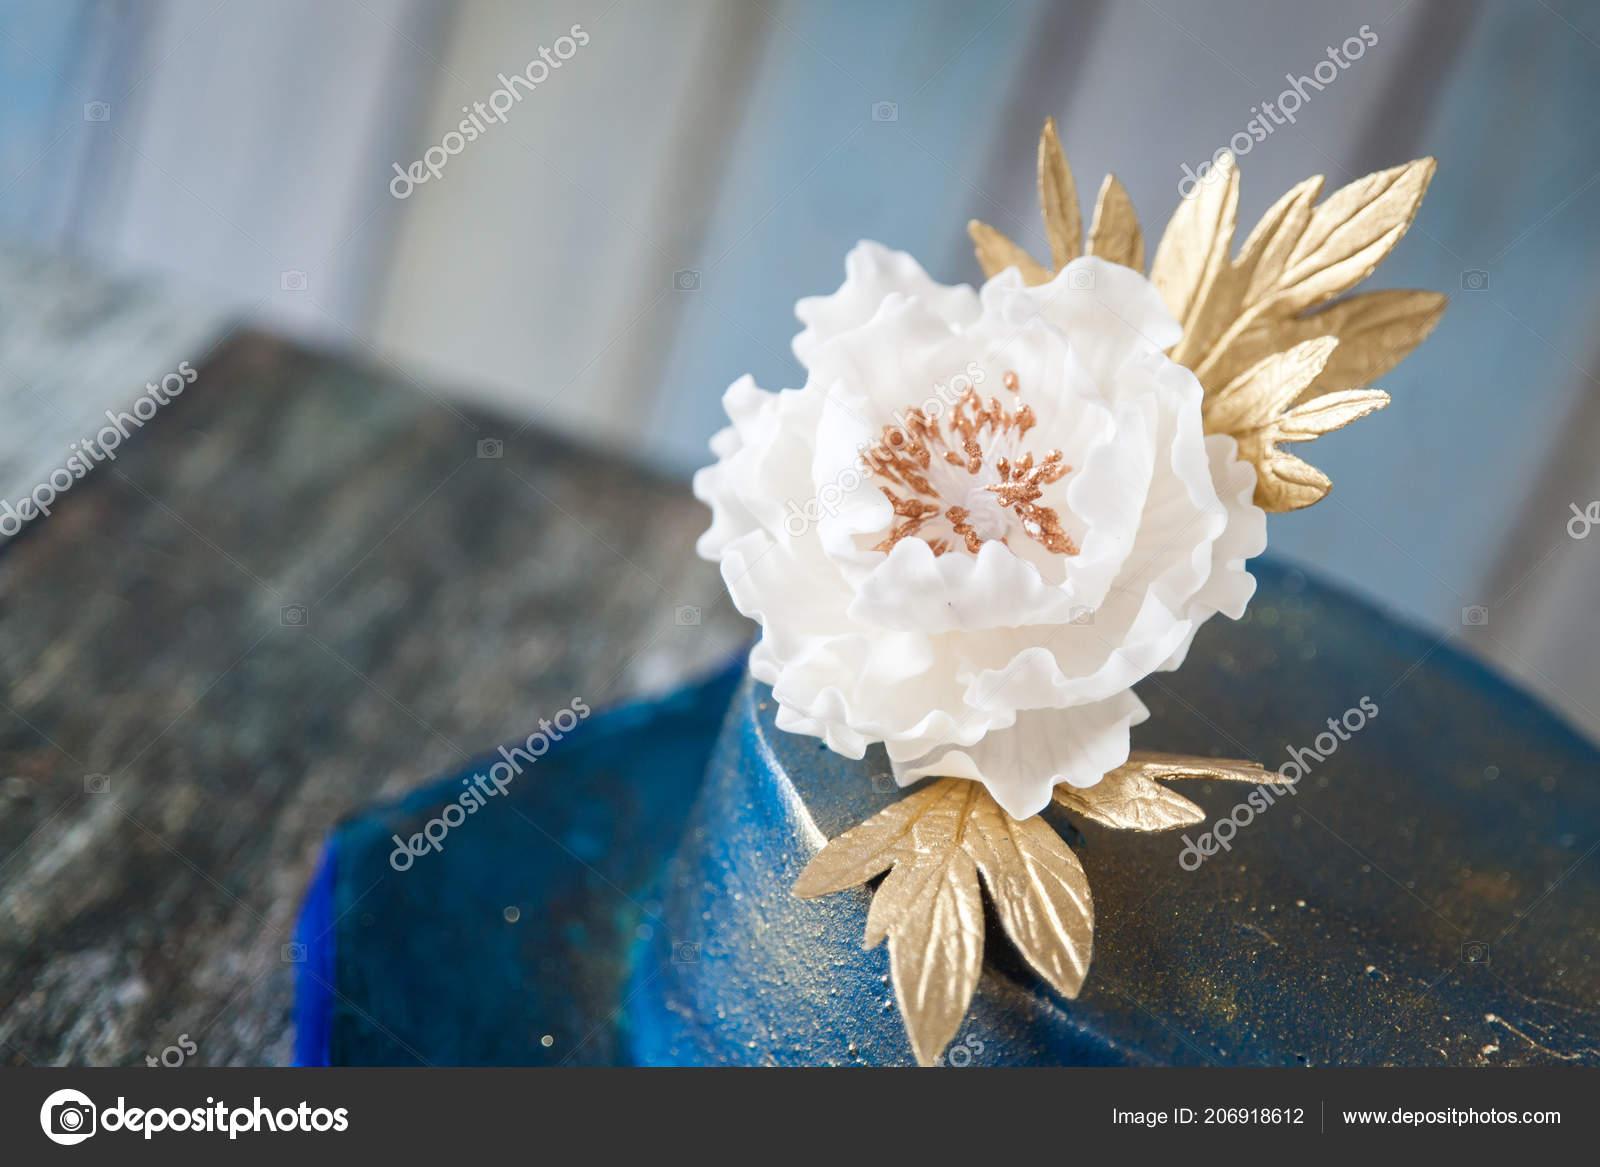 Blau Und Gold Hochzeitstorte Stockfoto C Gorchichko 206918612